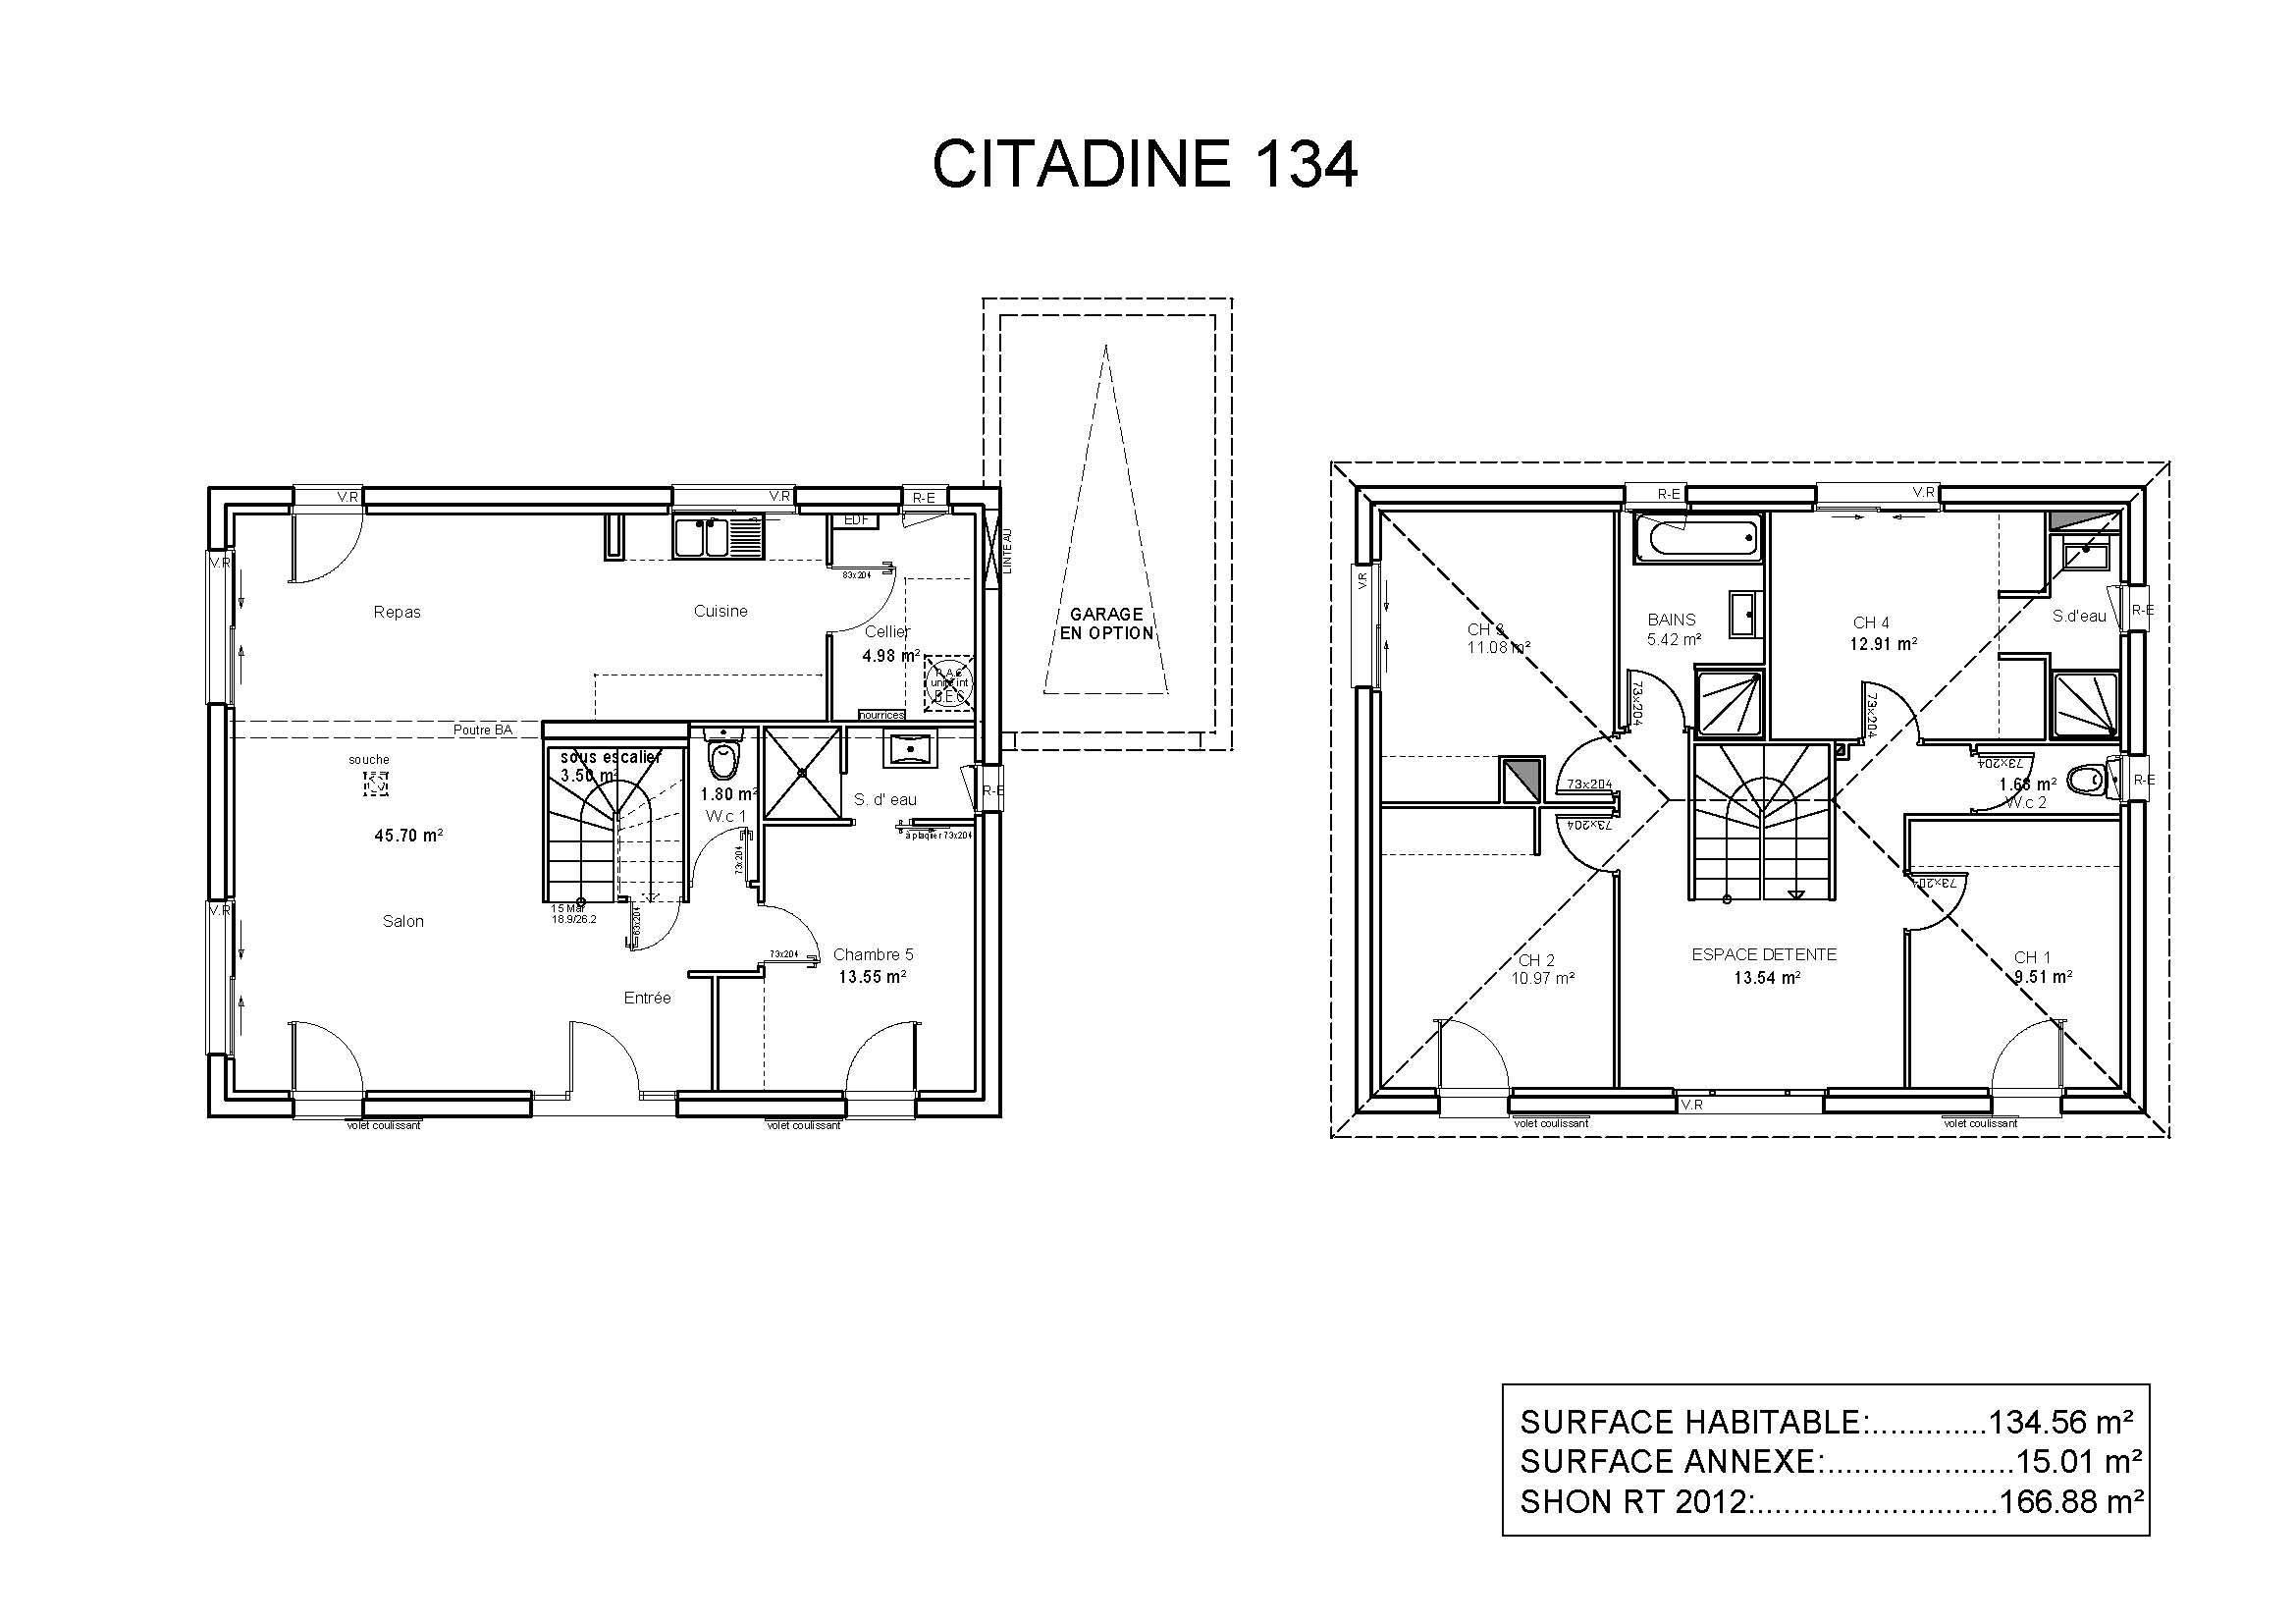 Modeles Et Plans De Maisons Modele A Etage Ligne Citadine Constructions Demeures Cote Argent Plan De Maison A Etage Plan Maison Etage Plan Maison 100m2